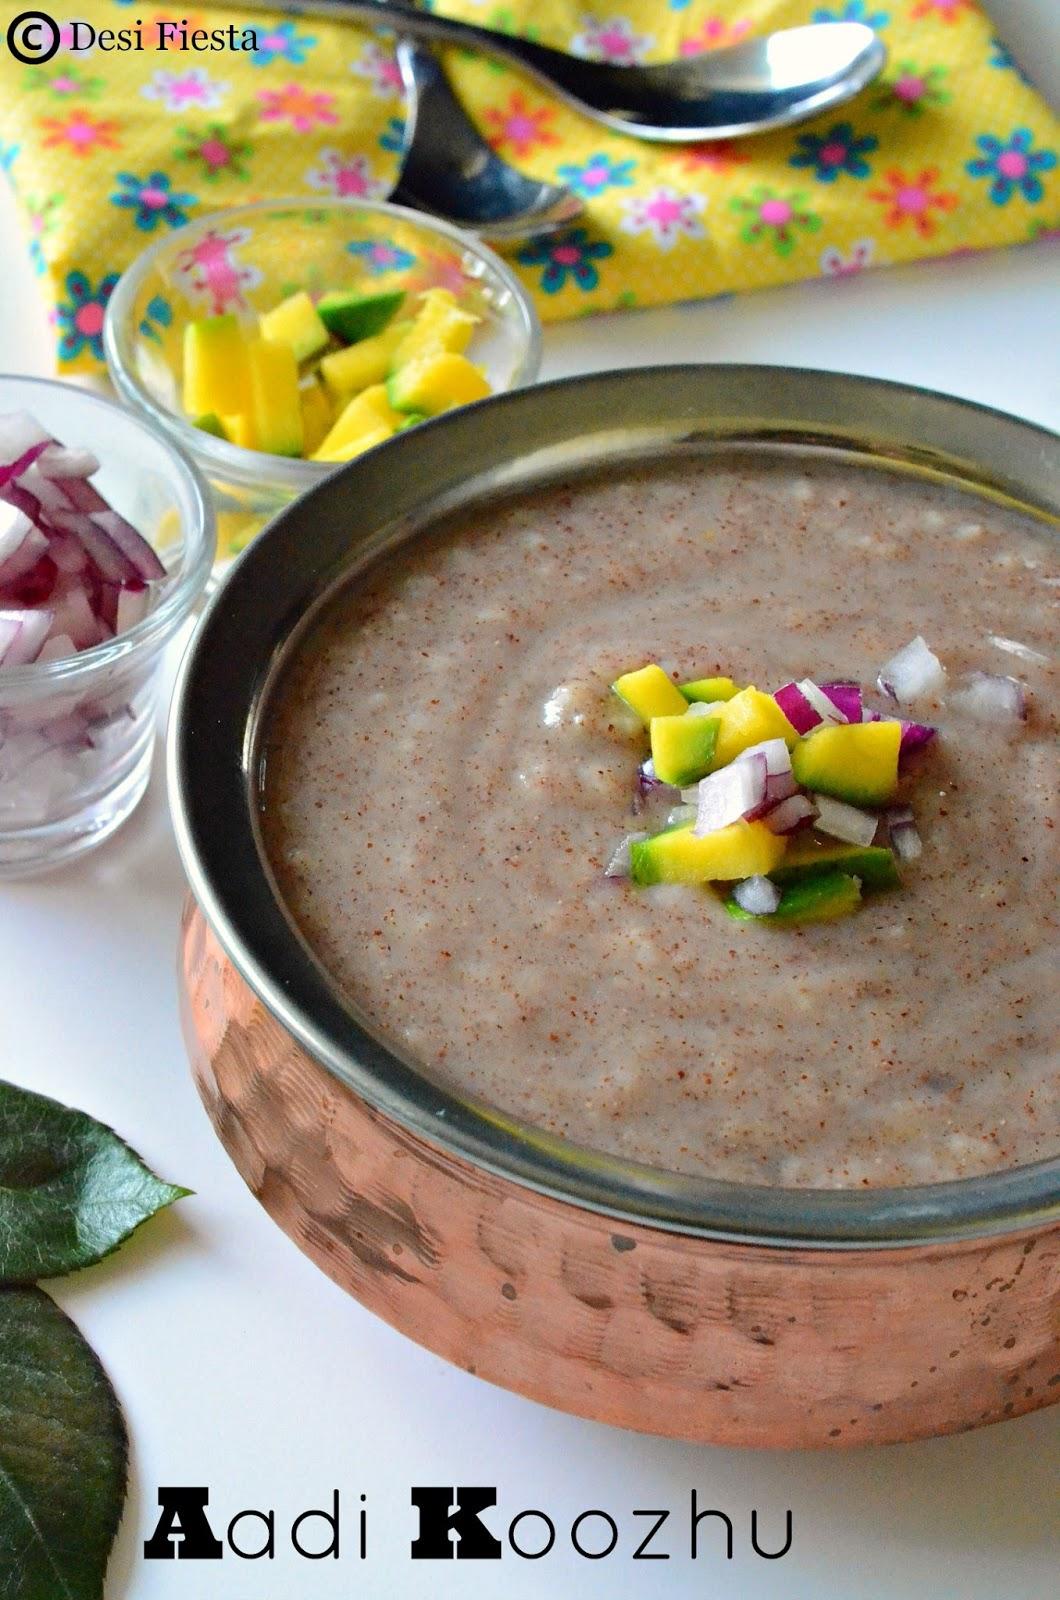 Tamilnadu Koozhu recipes